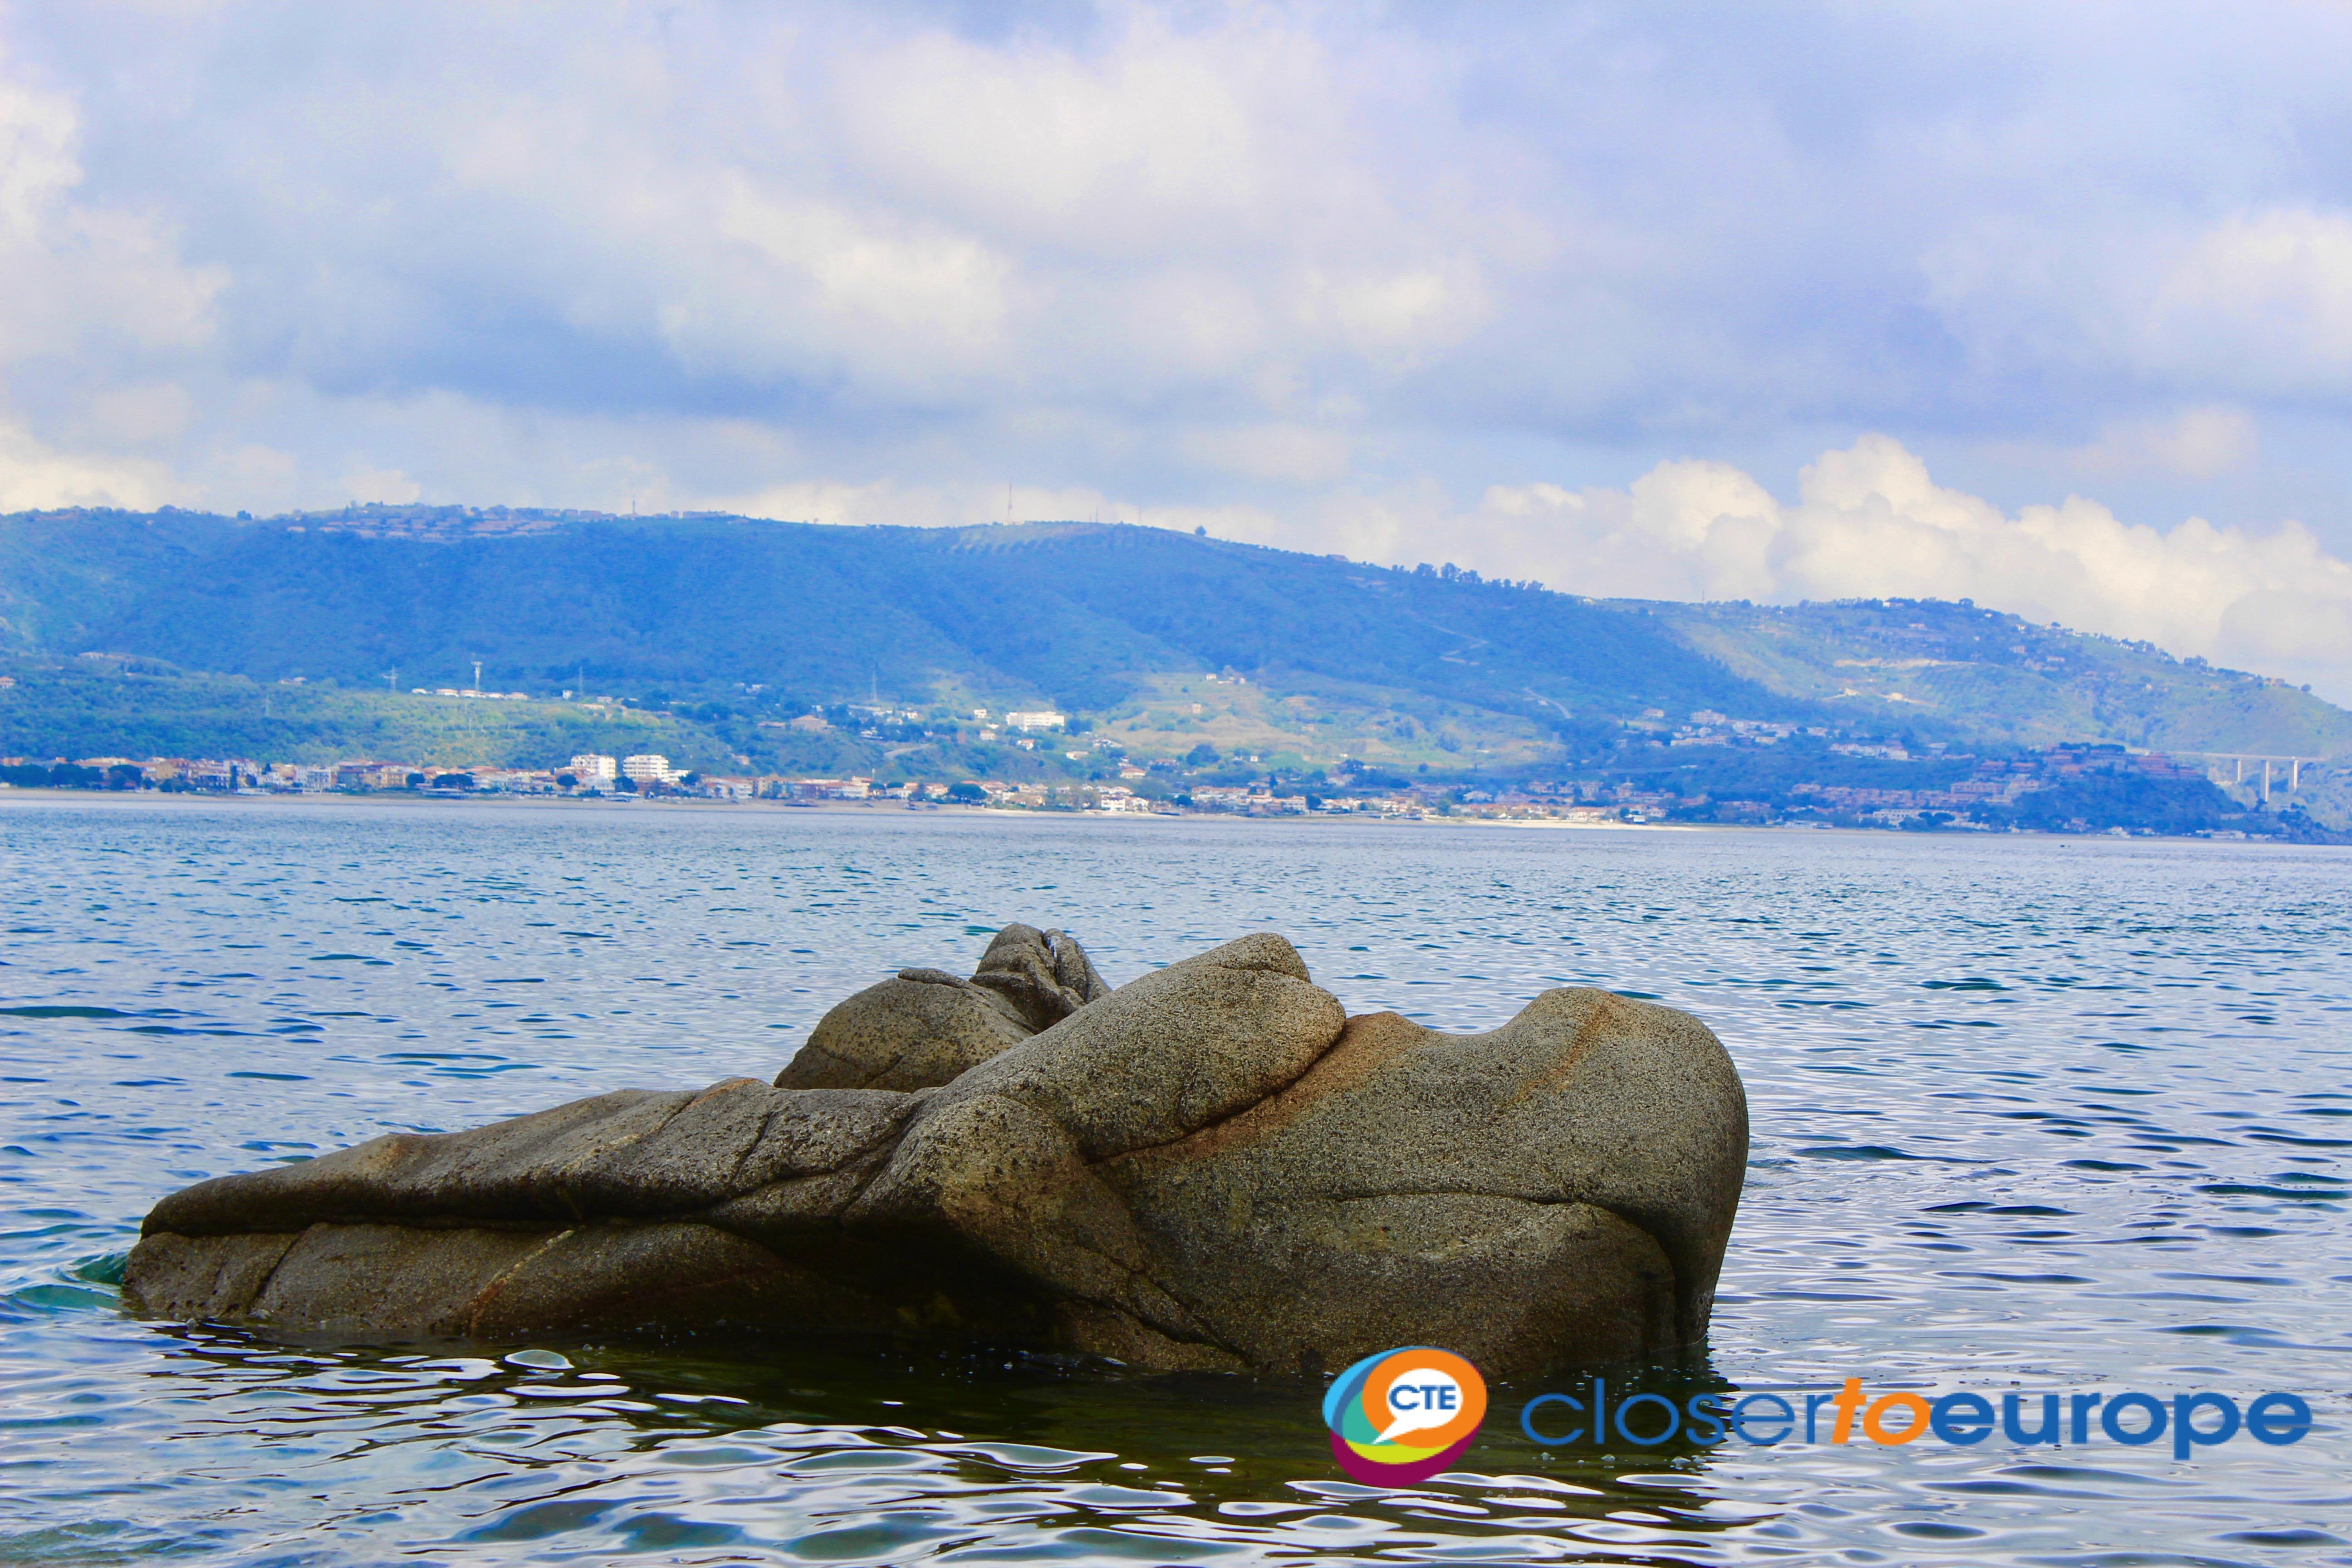 Soverato_marina_scarpina1